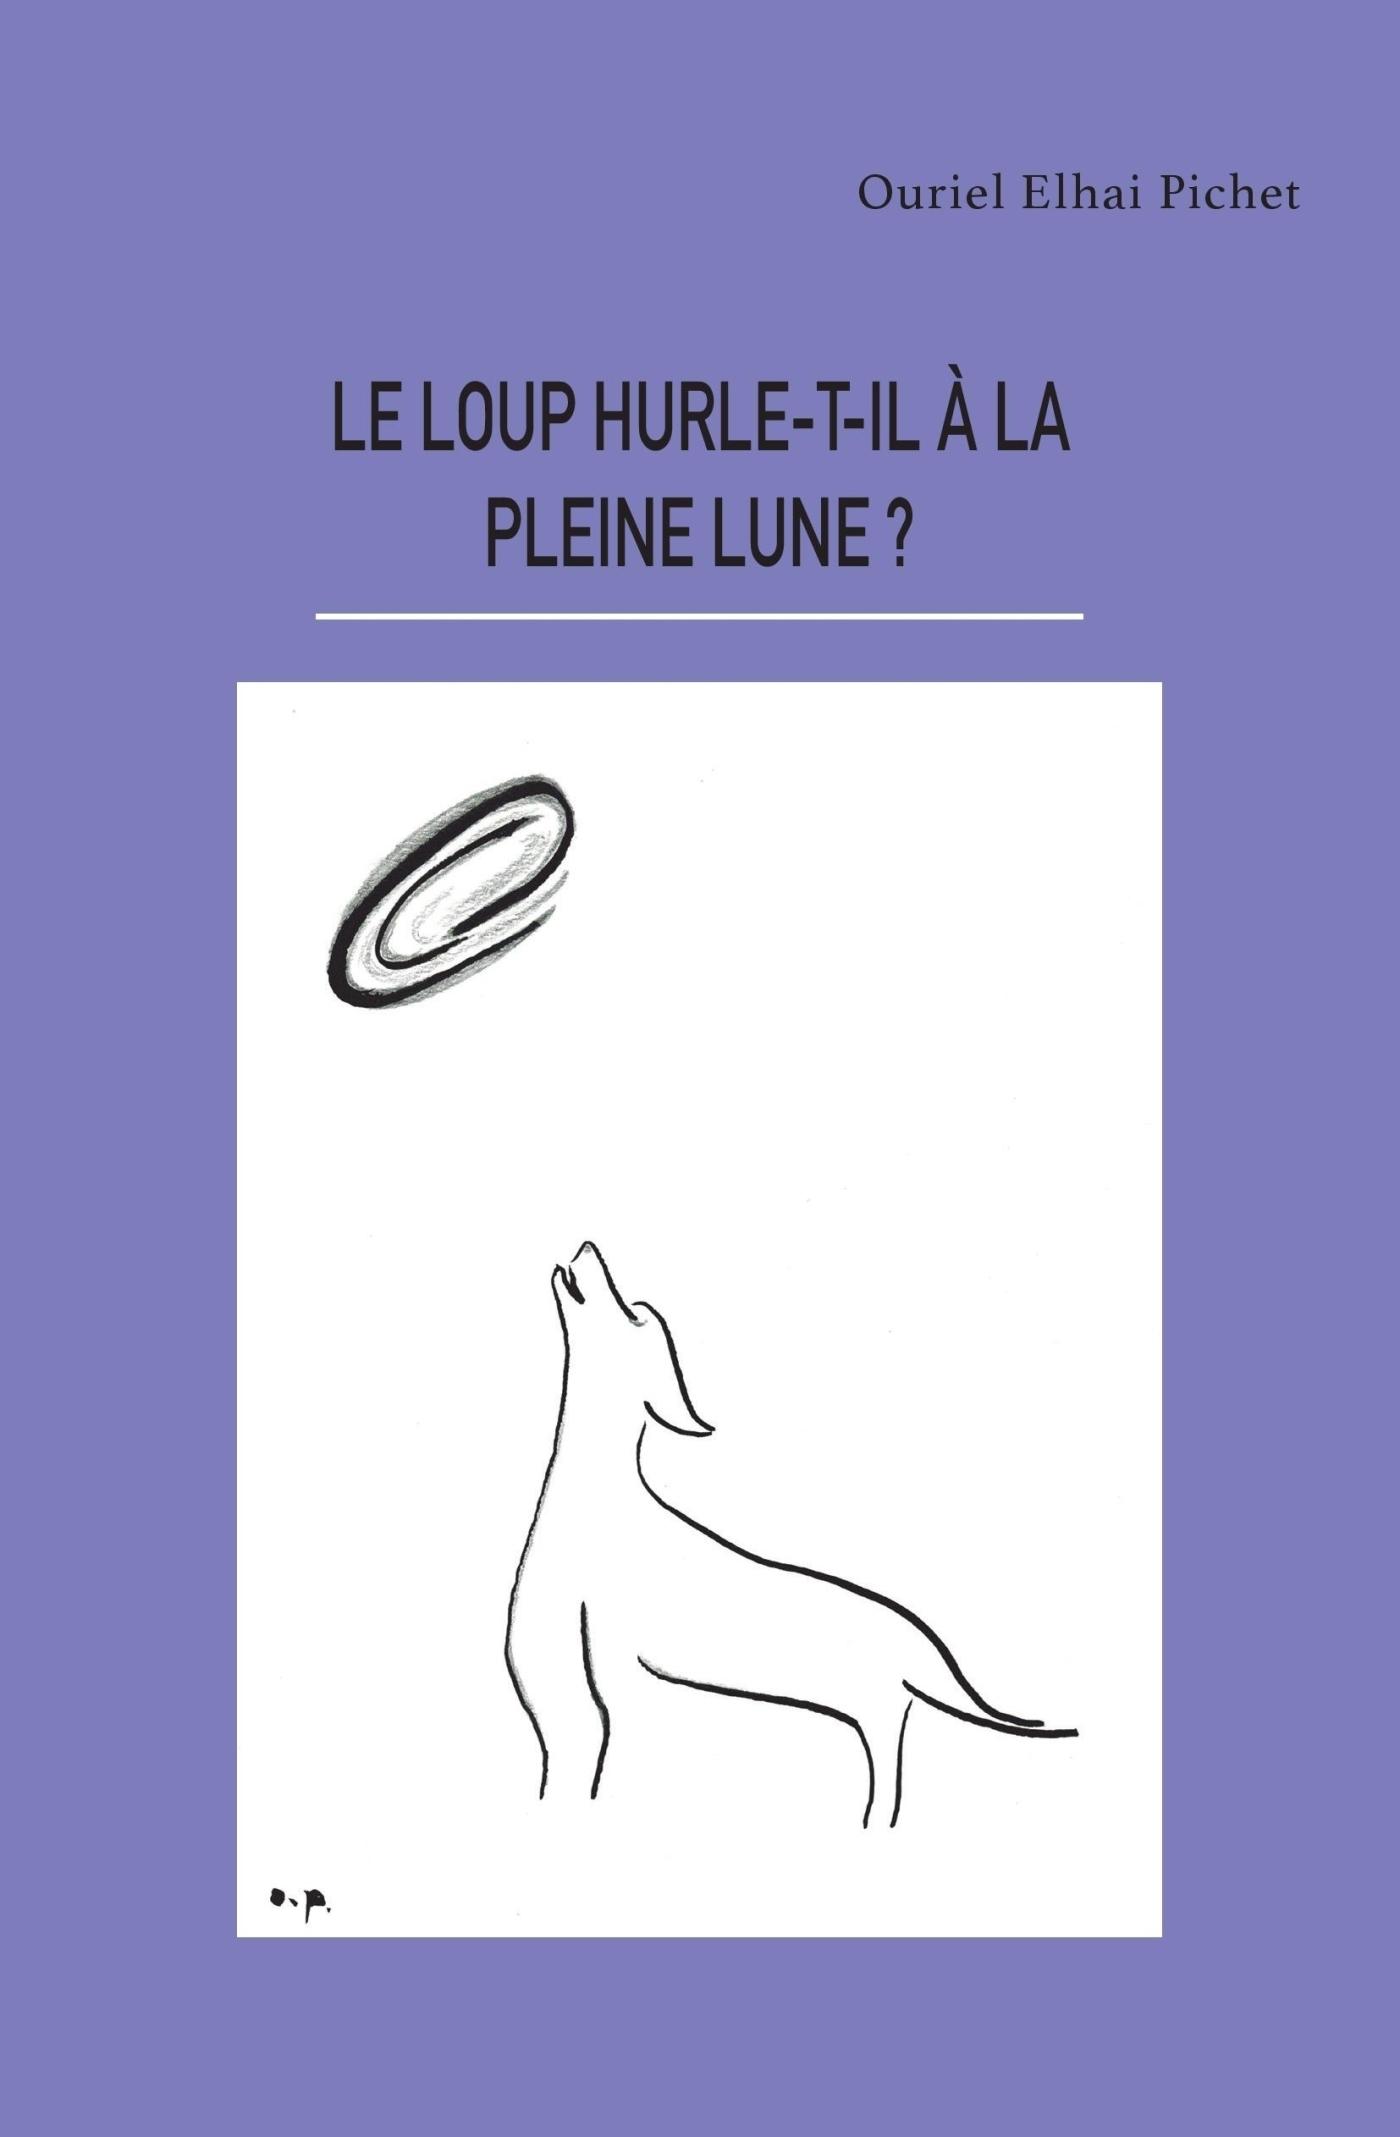 LE LOUP HURLE-T-IL A LA PLEINE LUNE ?